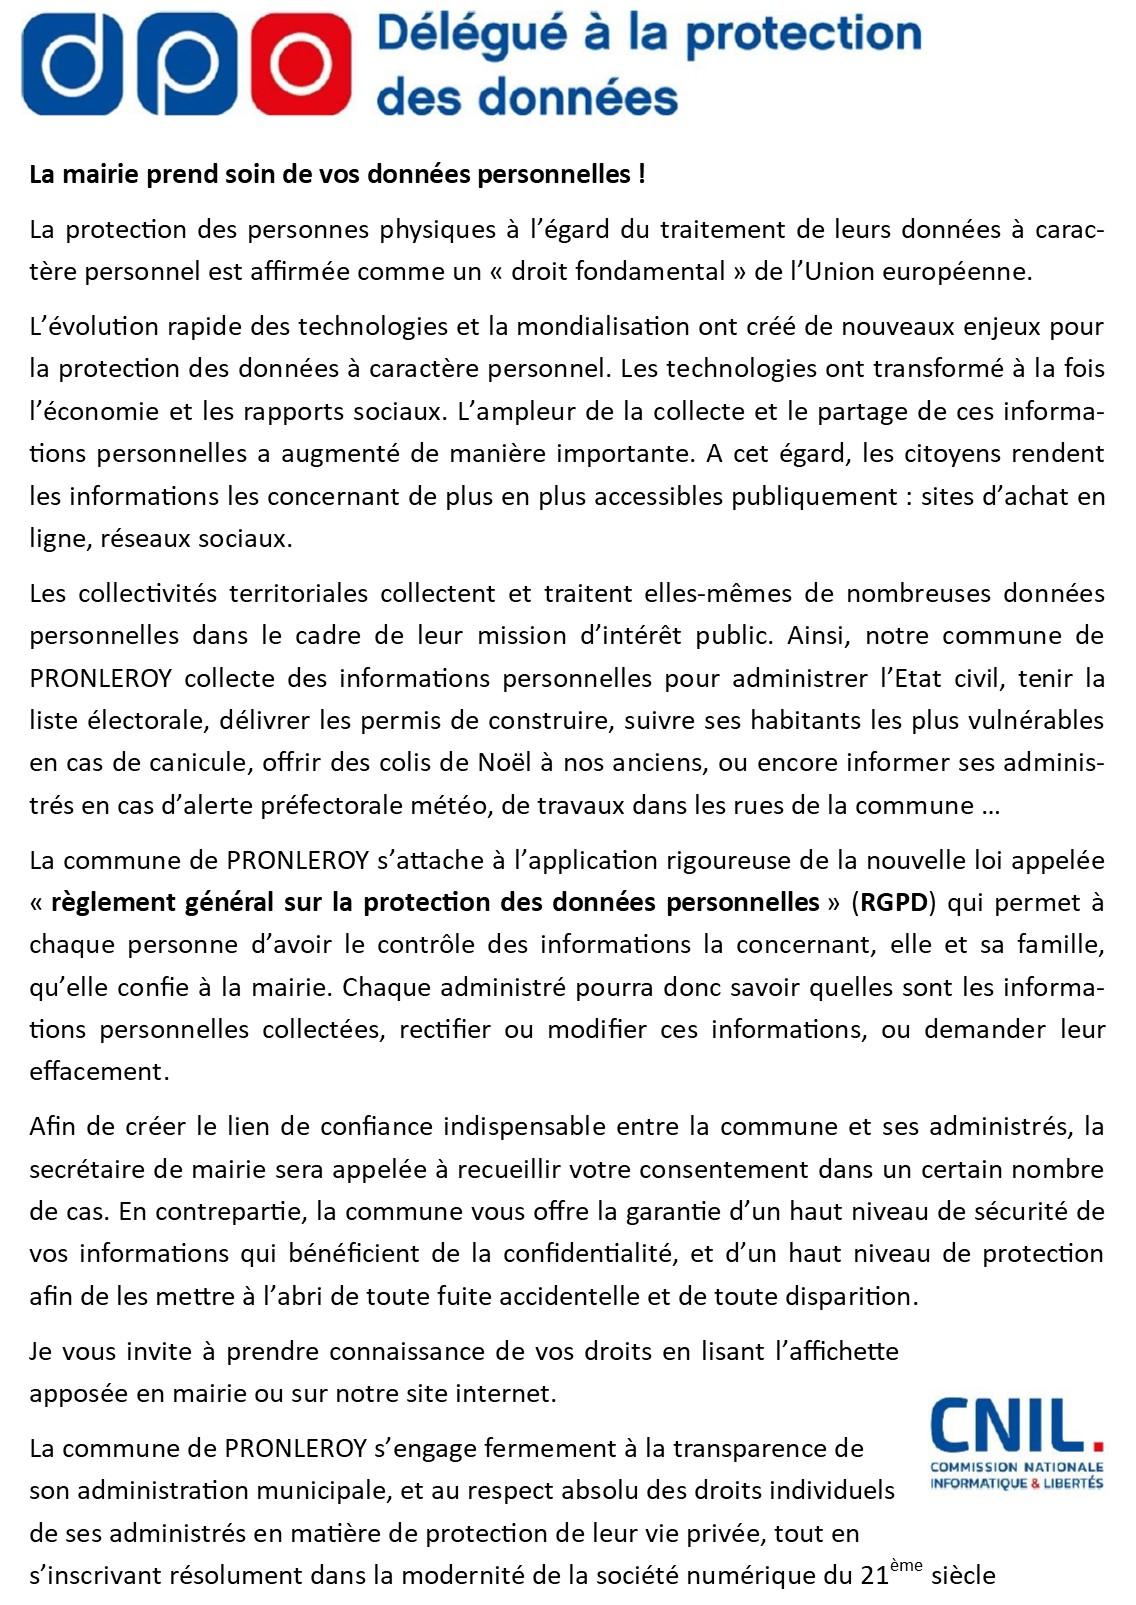 R G P D ...Règlement Général sur la Protection des Données Personnelles